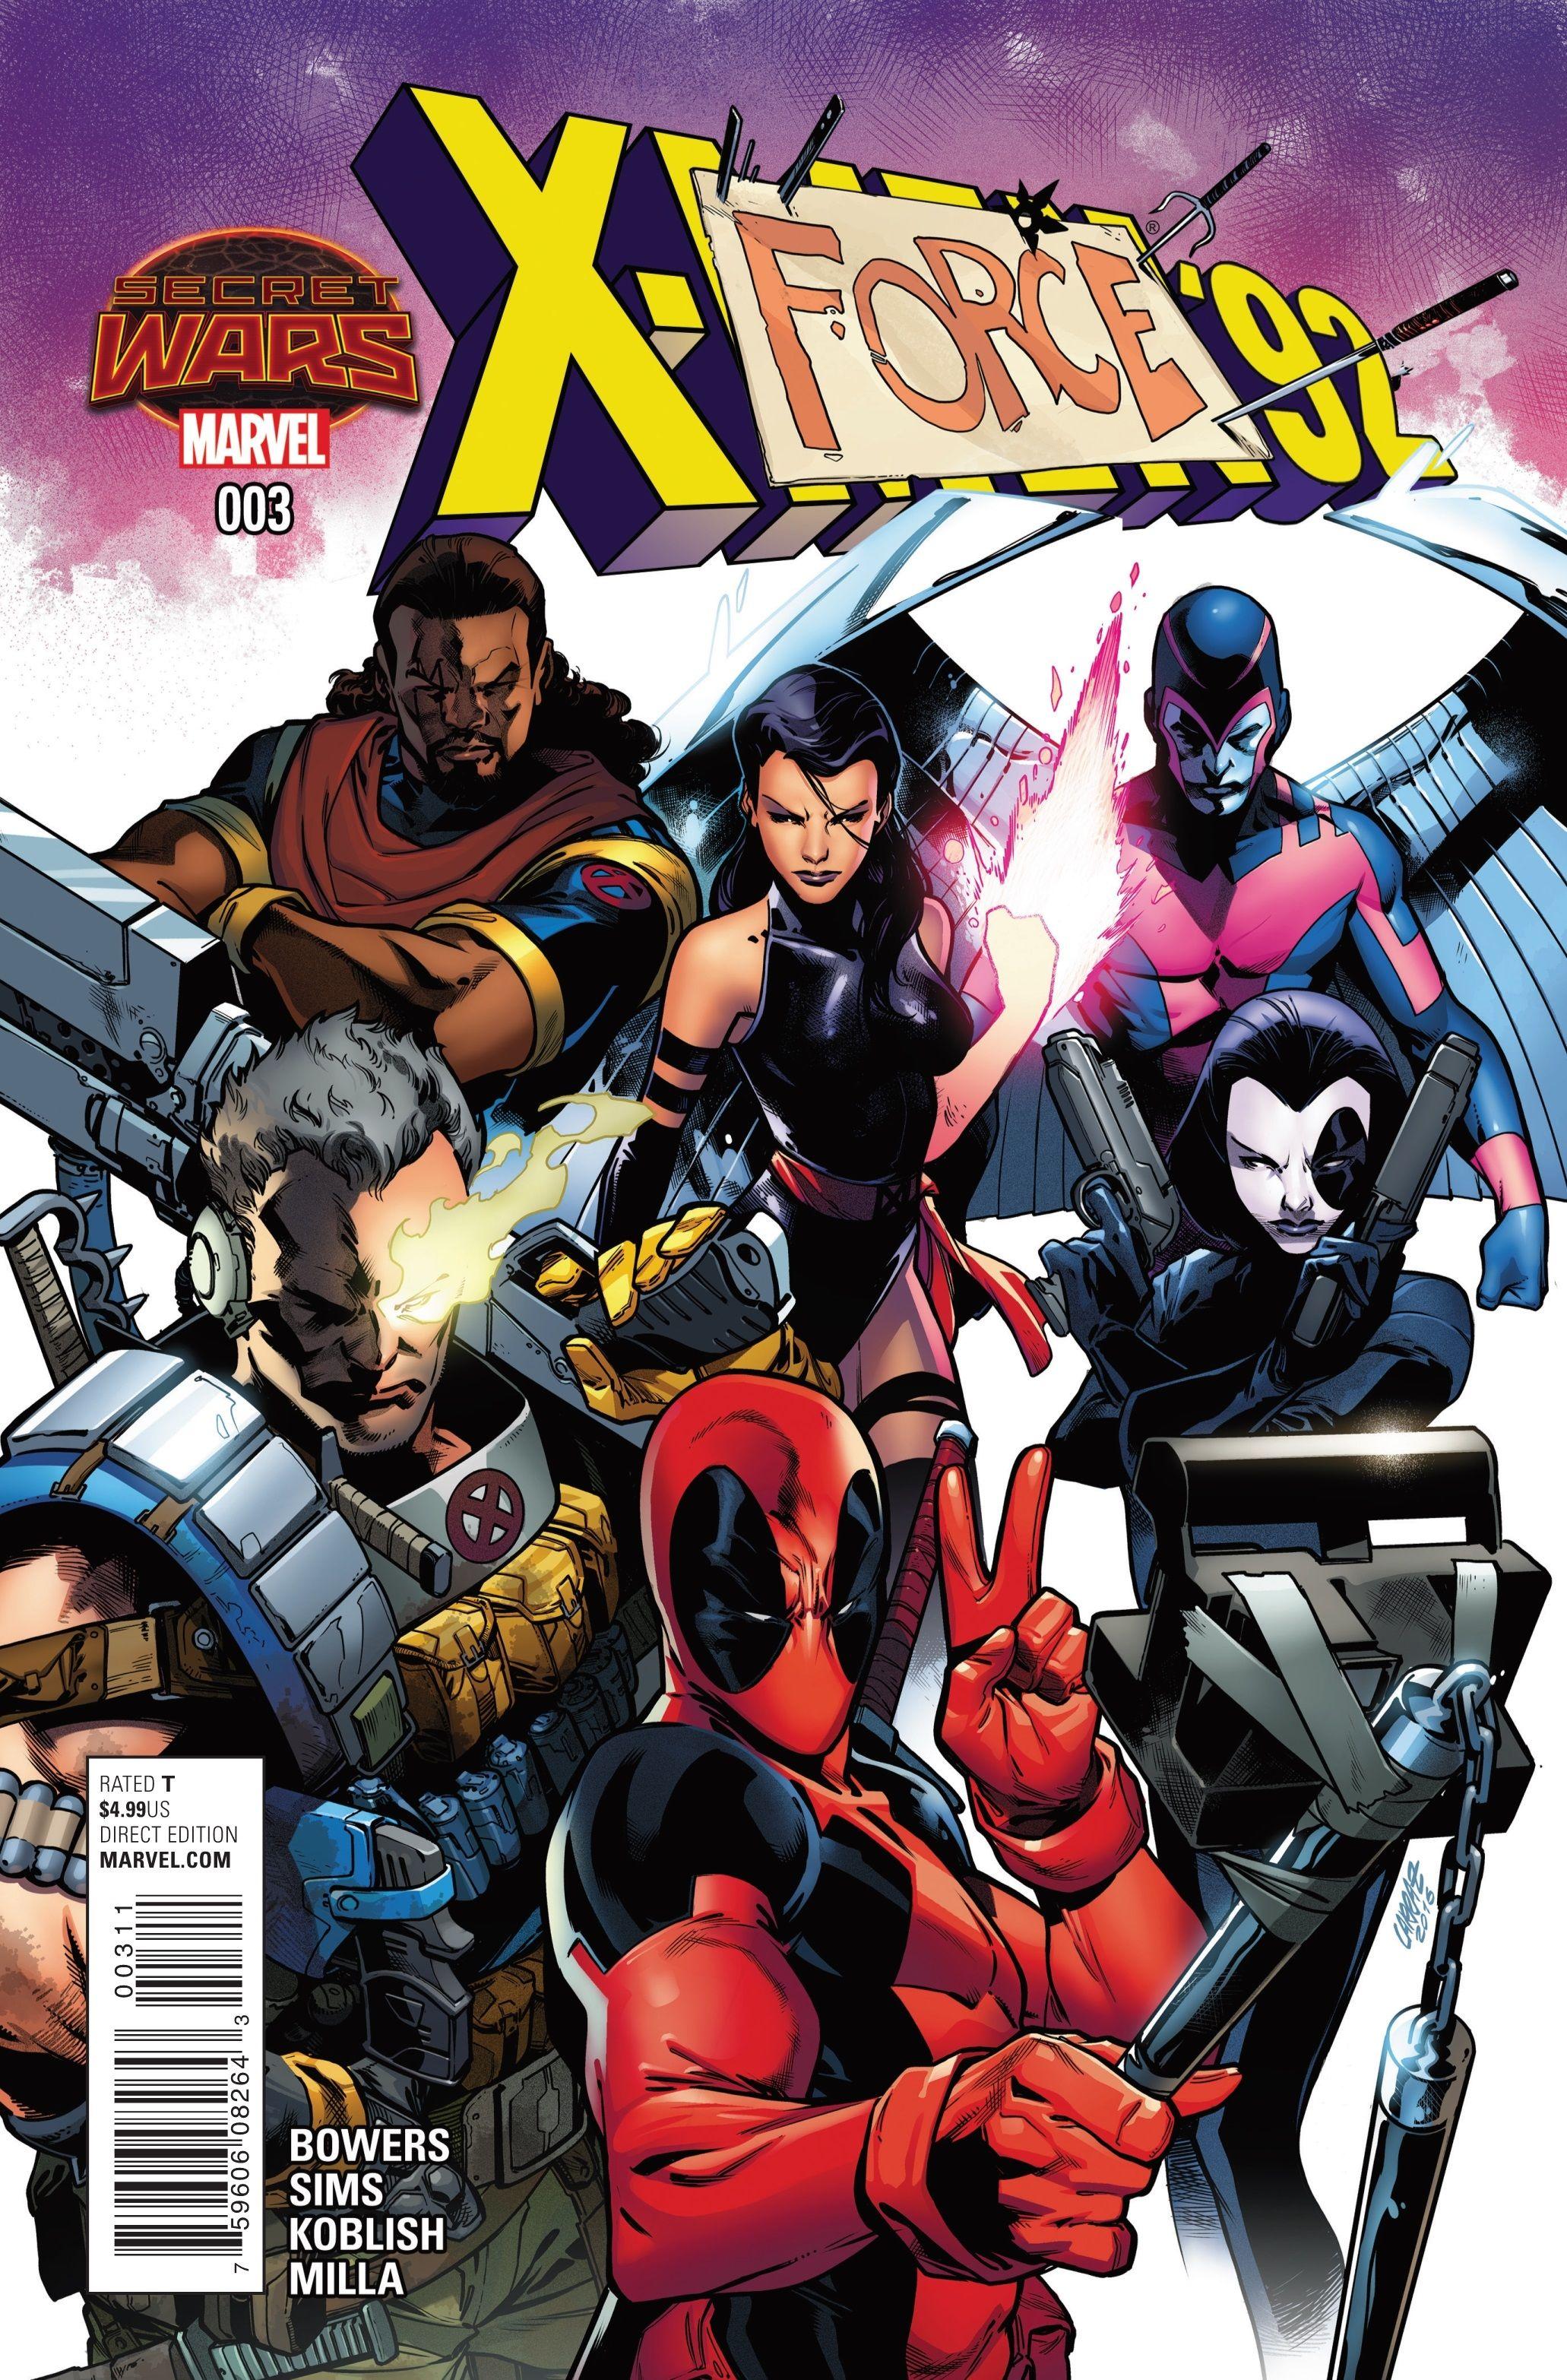 X-men: dark phoenix (2019) télécharger cinemax 2019.